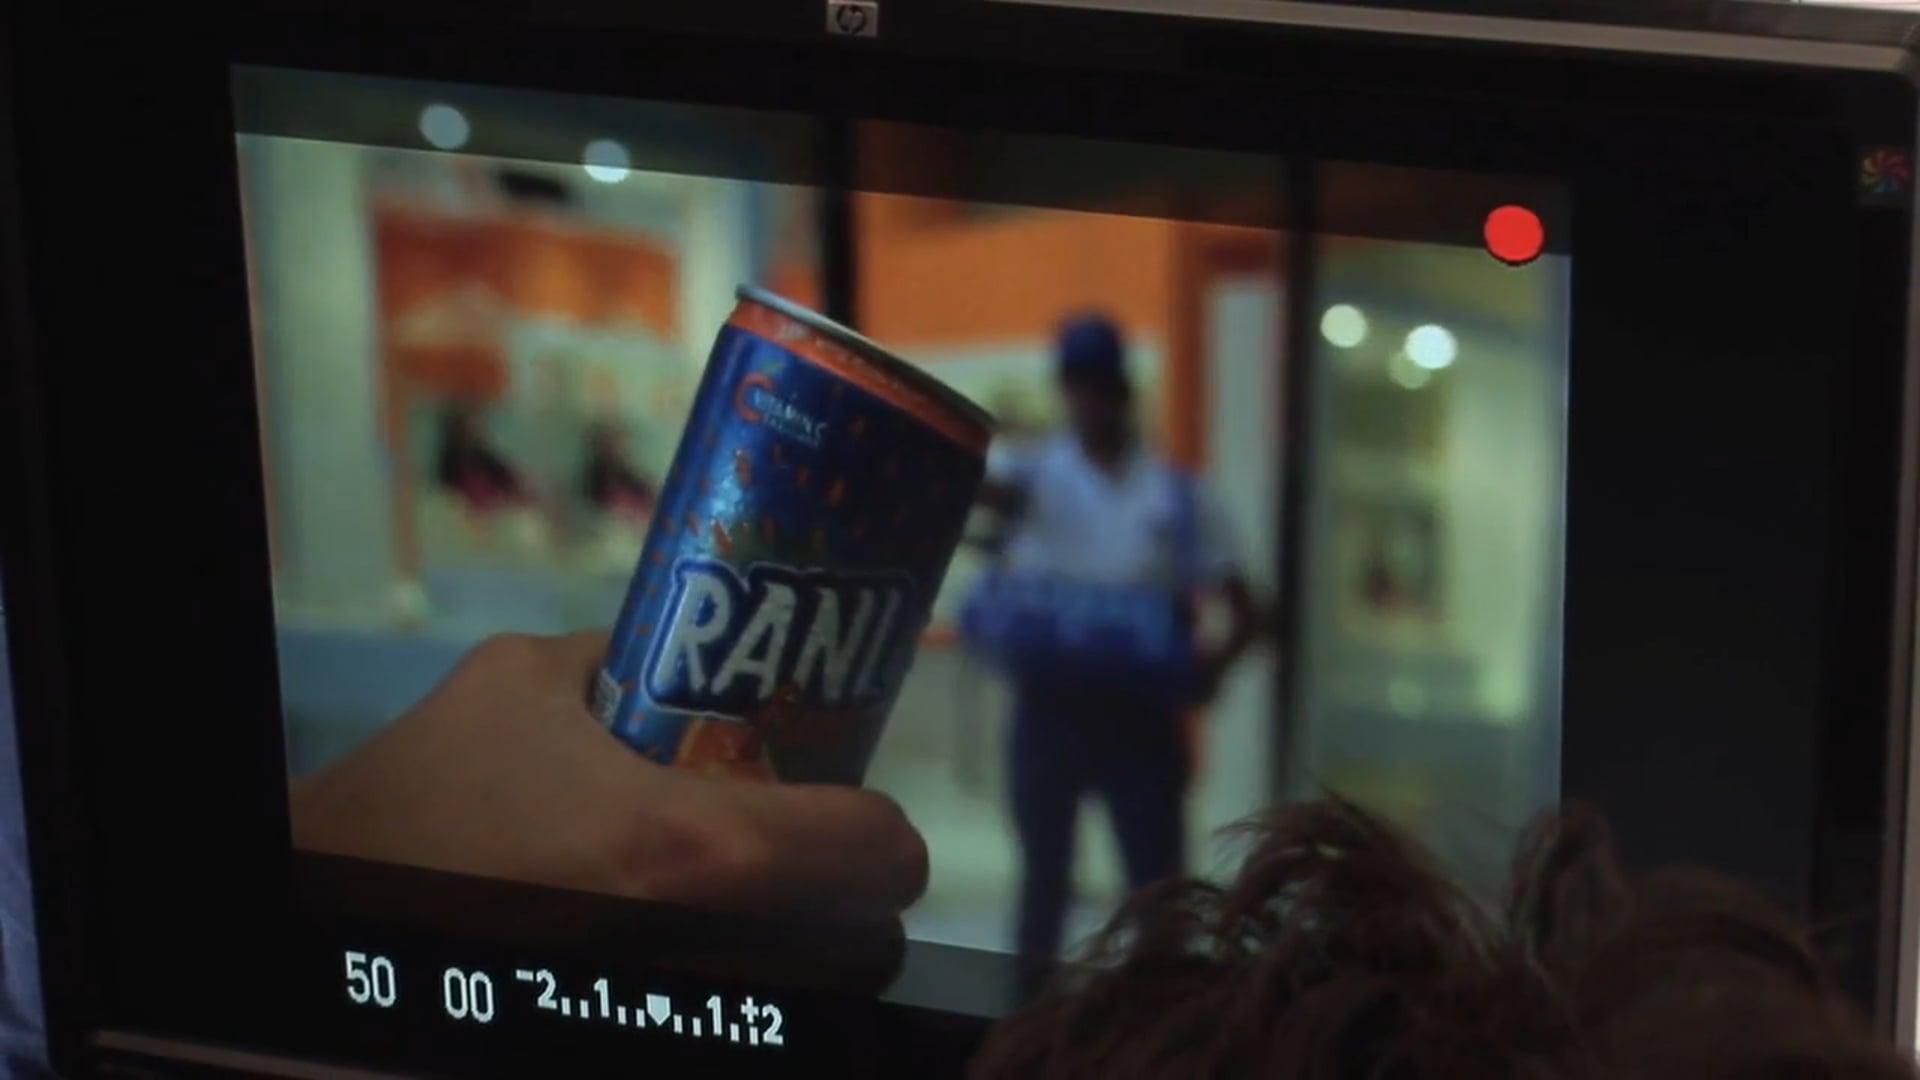 Rani Float TVC - The Making